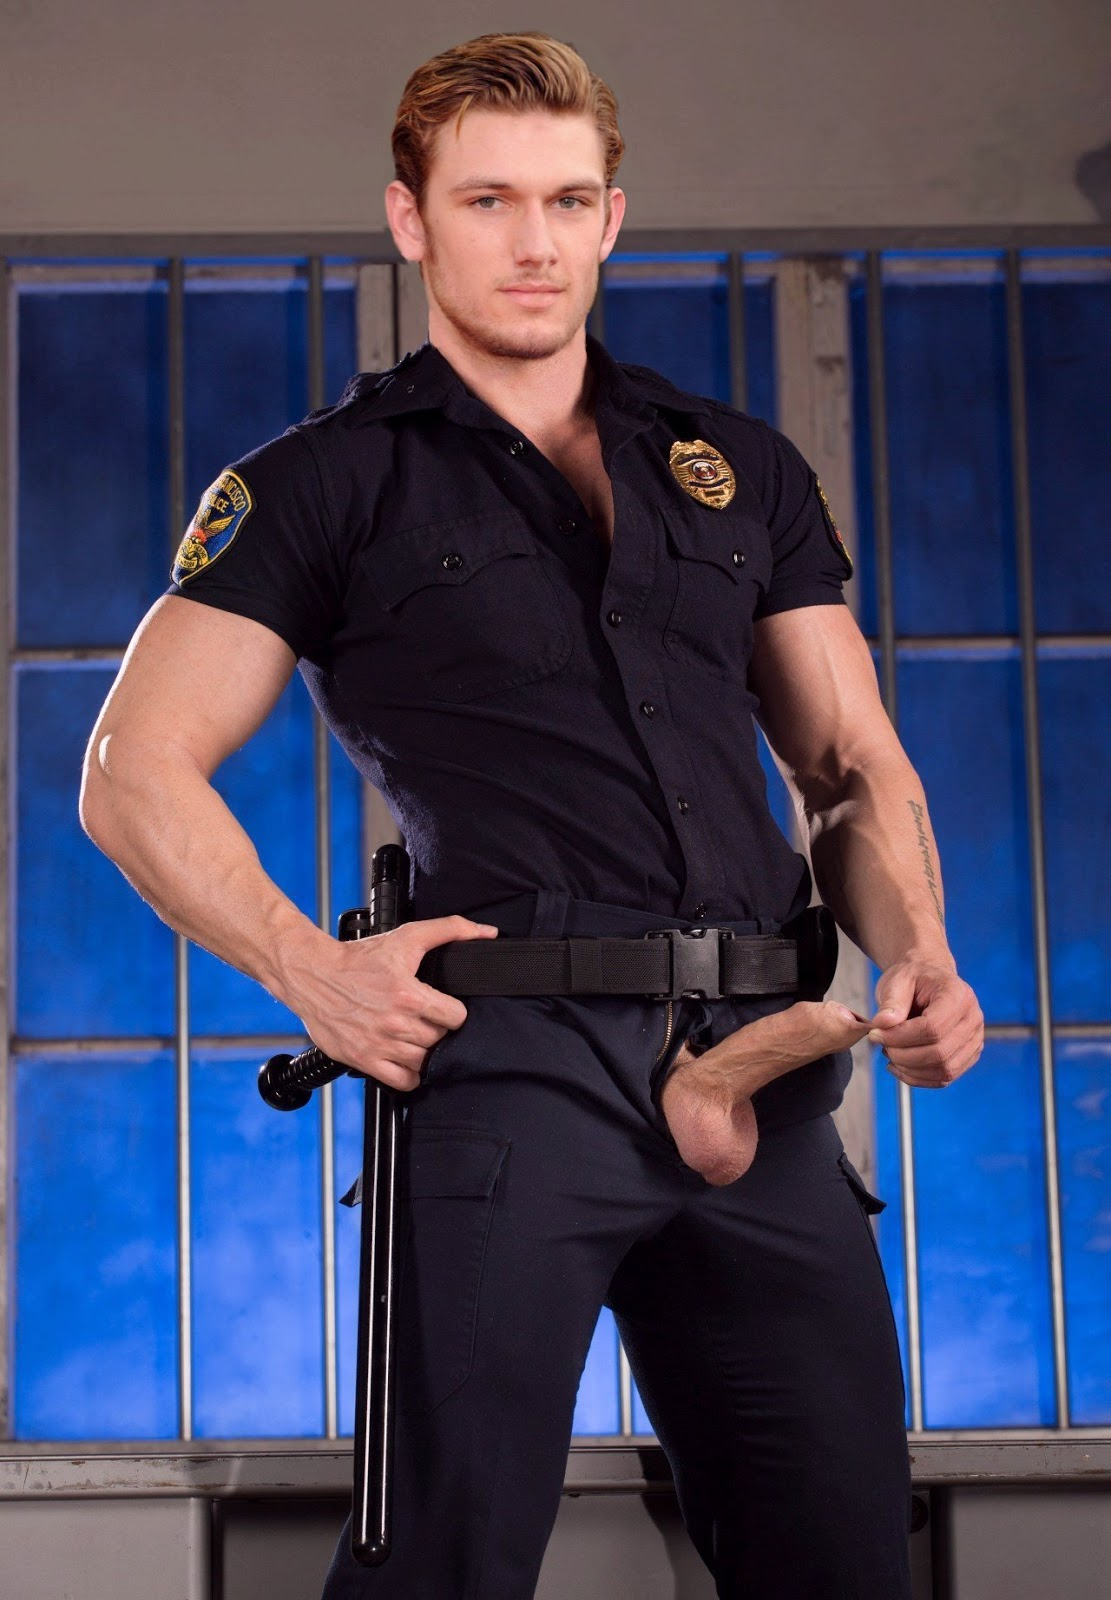 Cop Gay Porn Photo